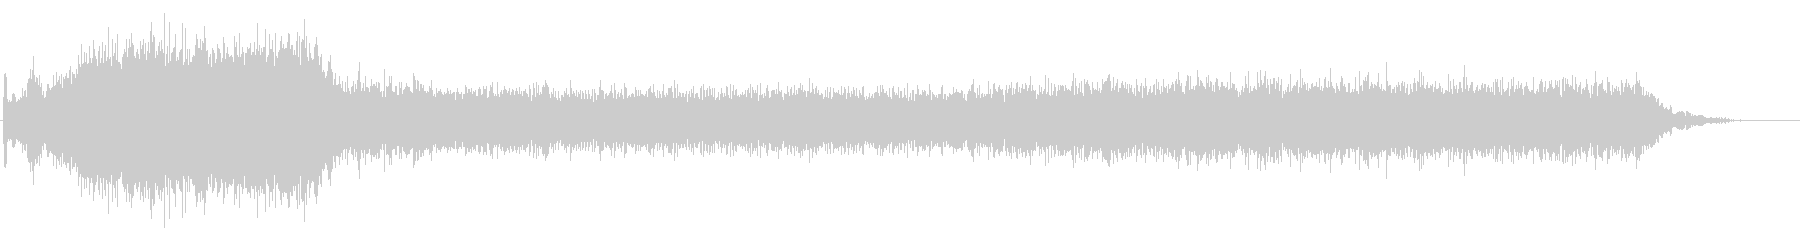 PC 駆動音02-01(オンオフ)の未再生の波形